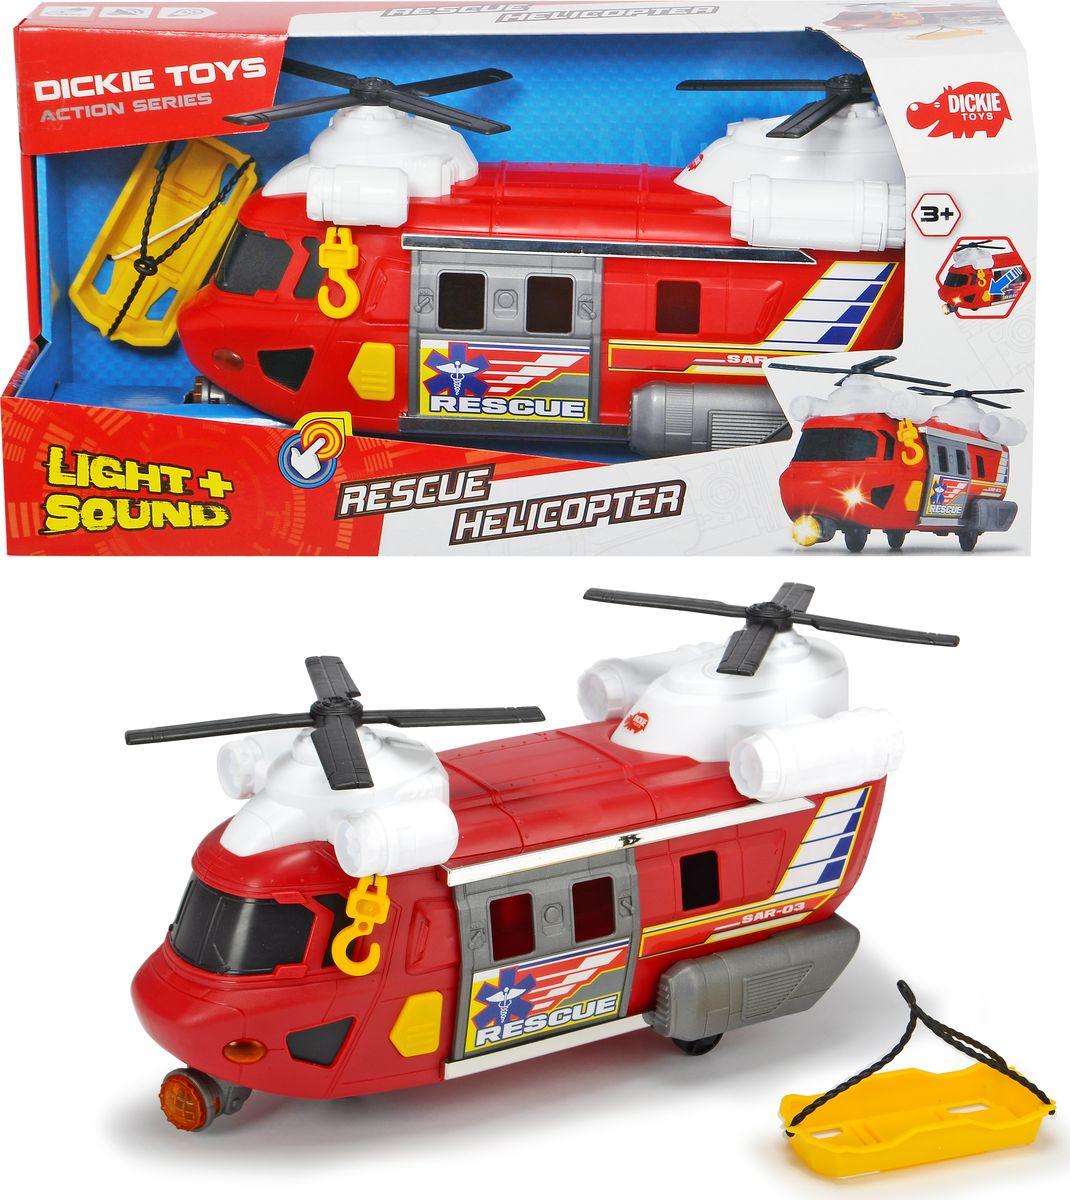 Спасательный вертолет Dickie Toys Action sereies, двухвинтовой, 30 см цены онлайн